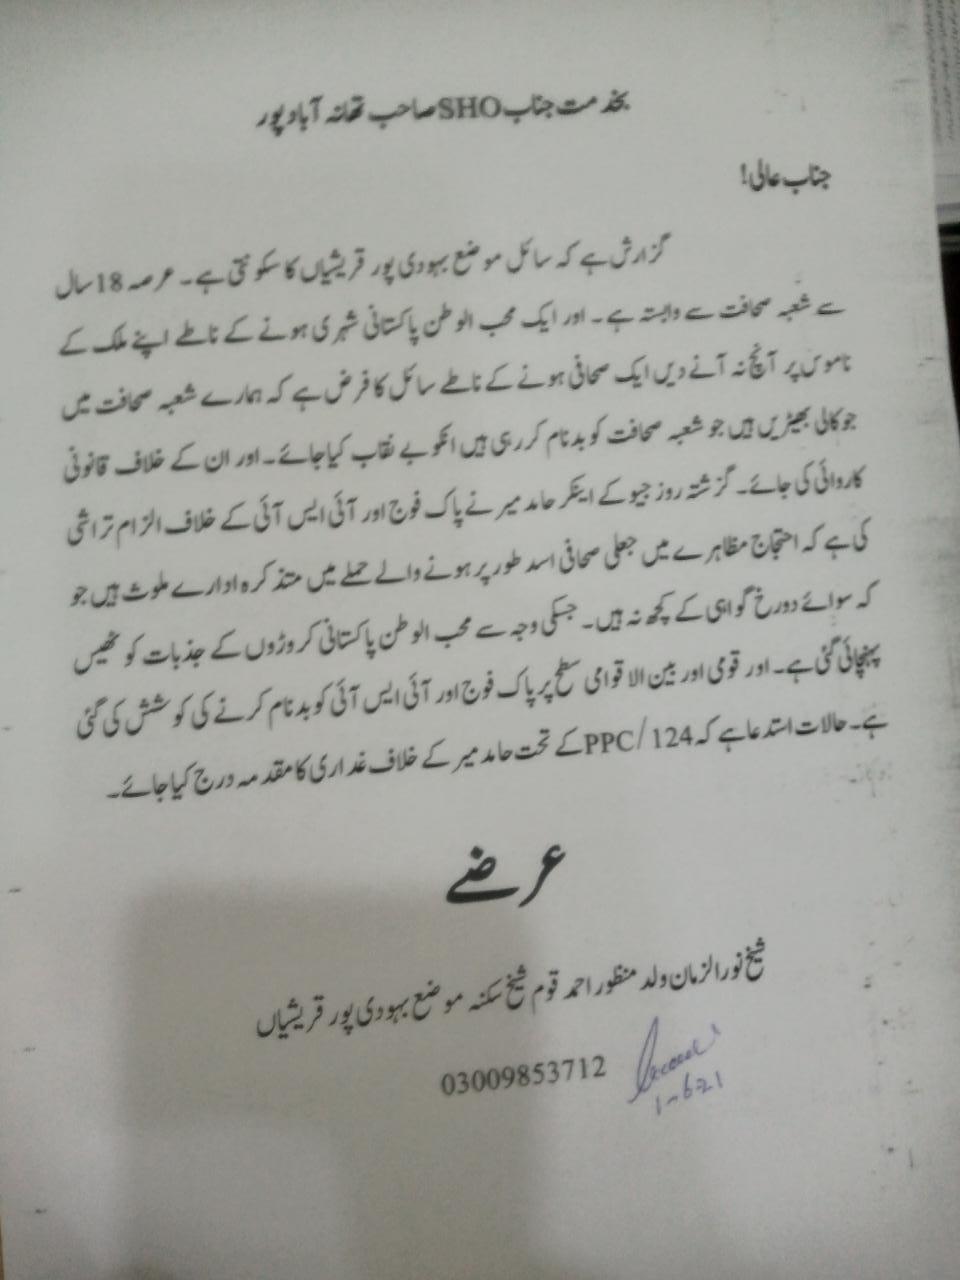 Hamid Mir FIR